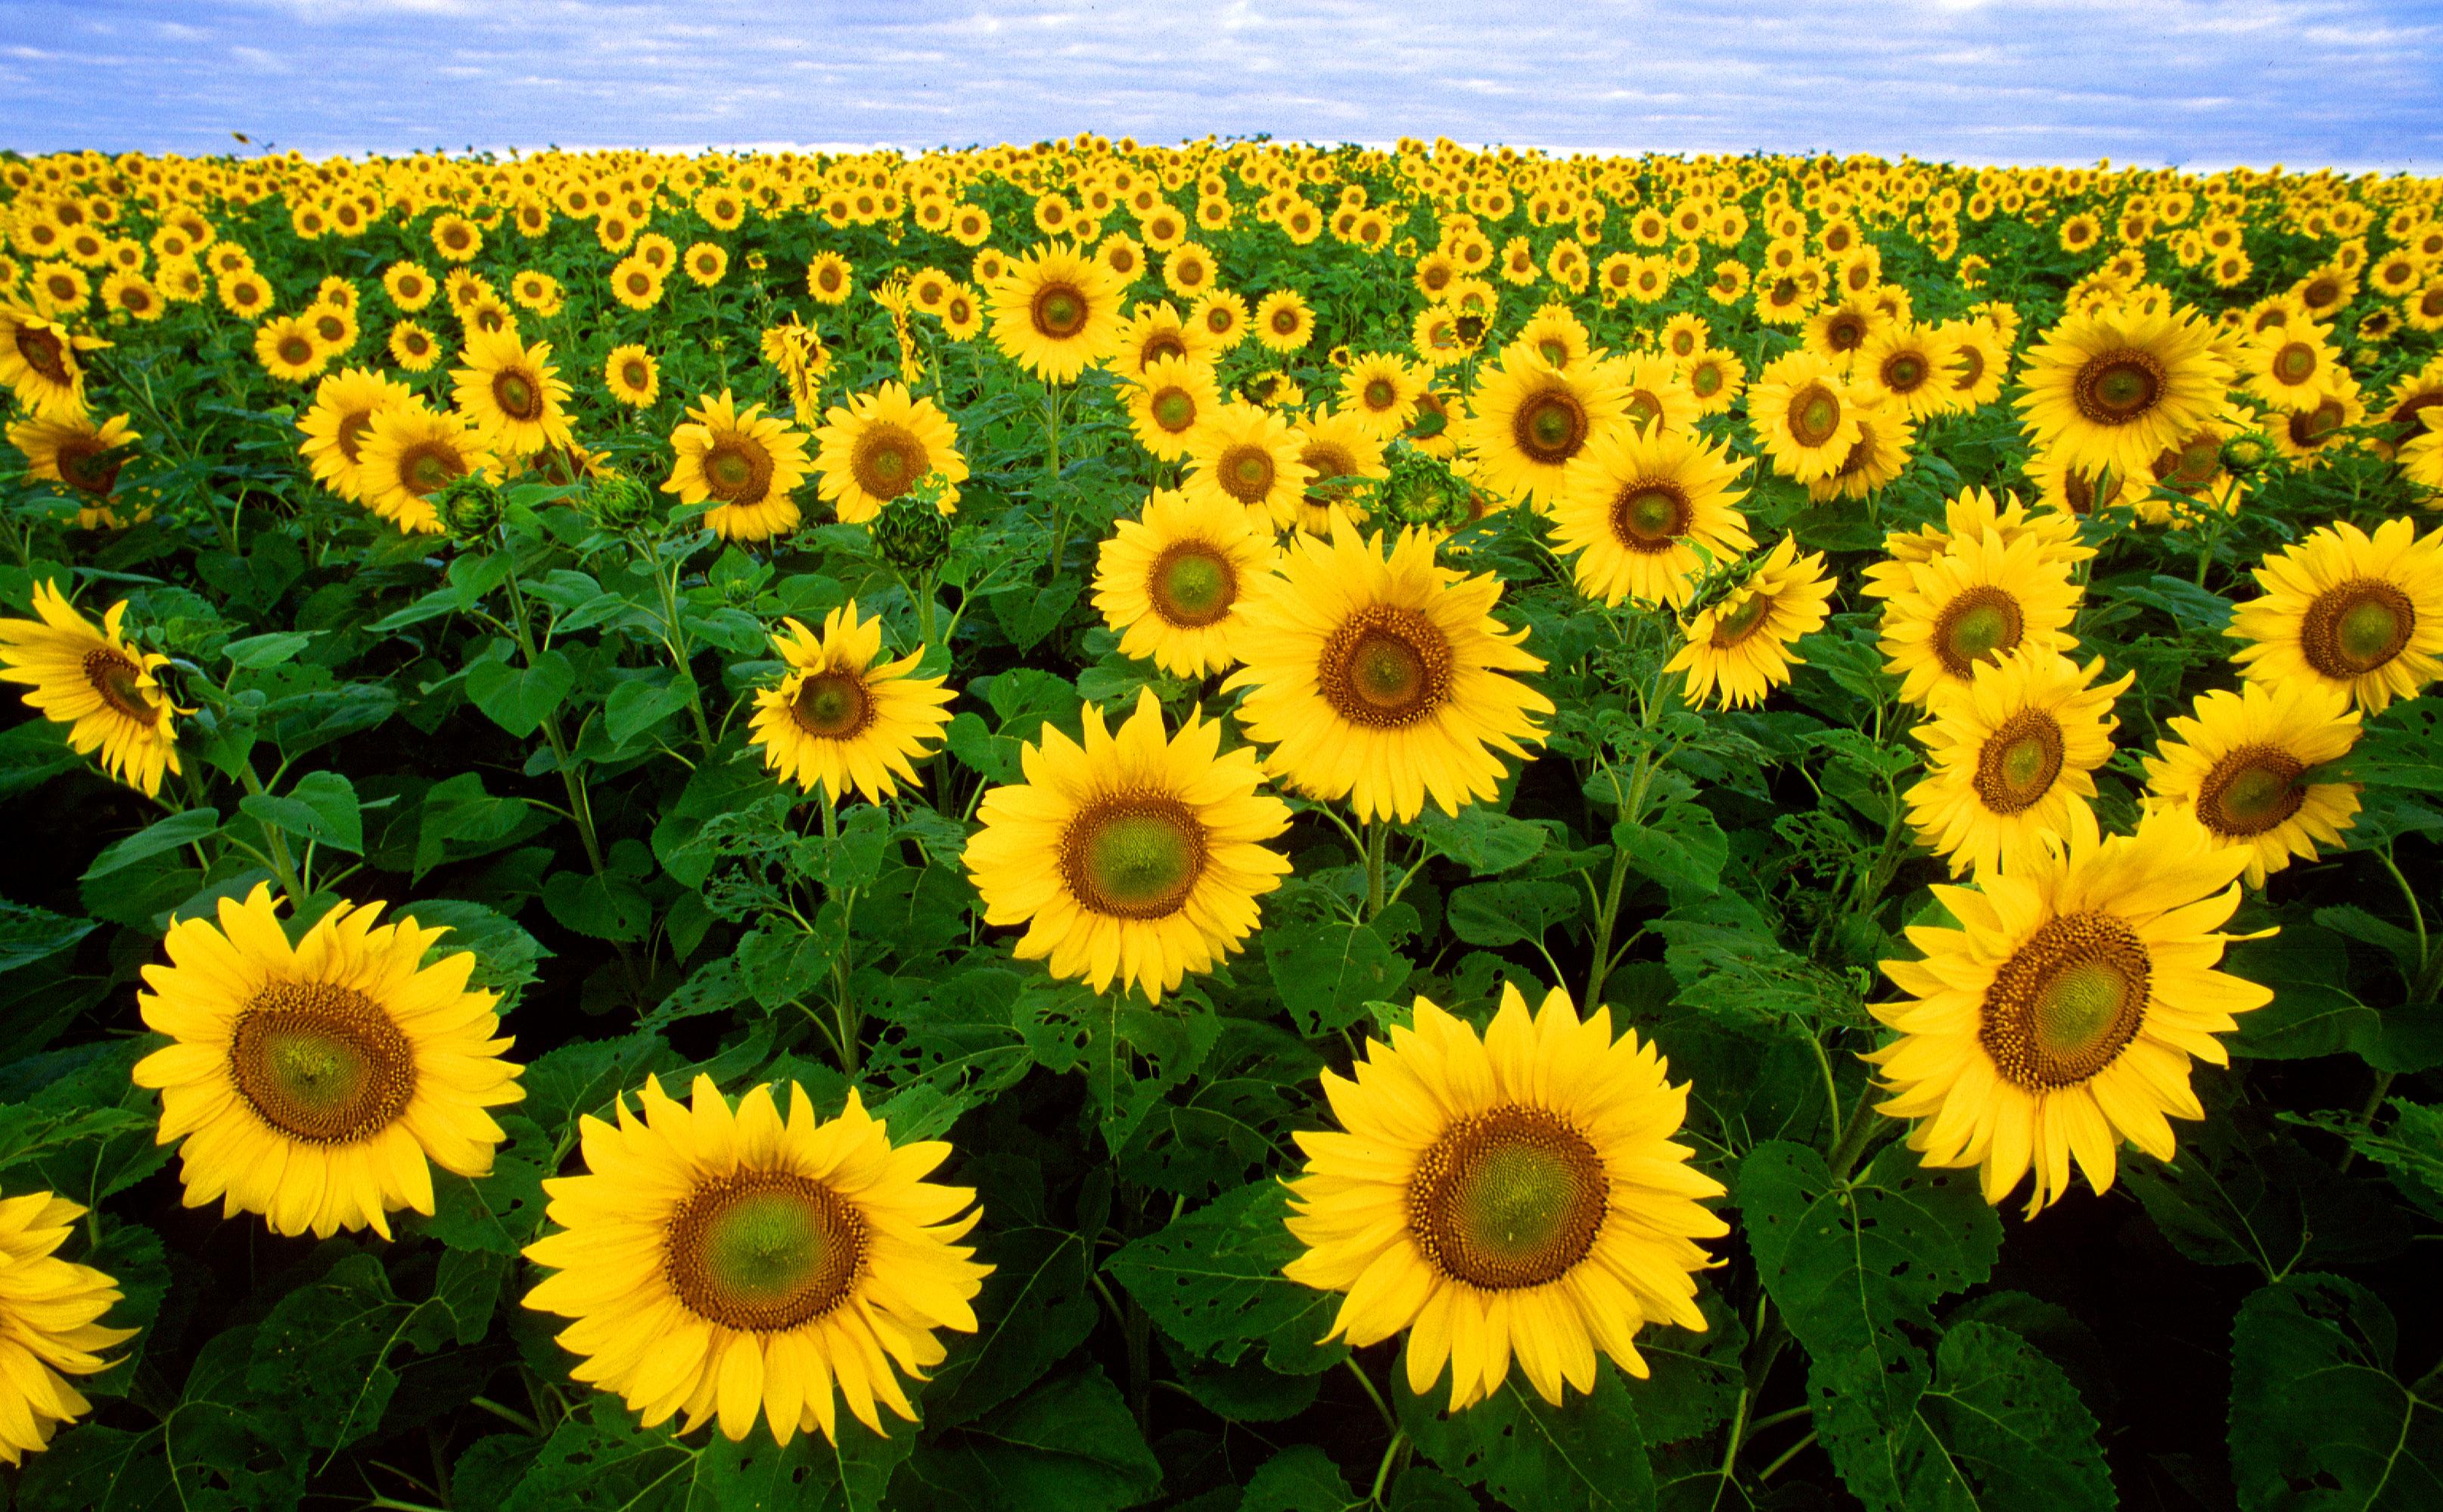 Технология выращивания подсолнечника: правила и секреты получения полезного полноценного урожая